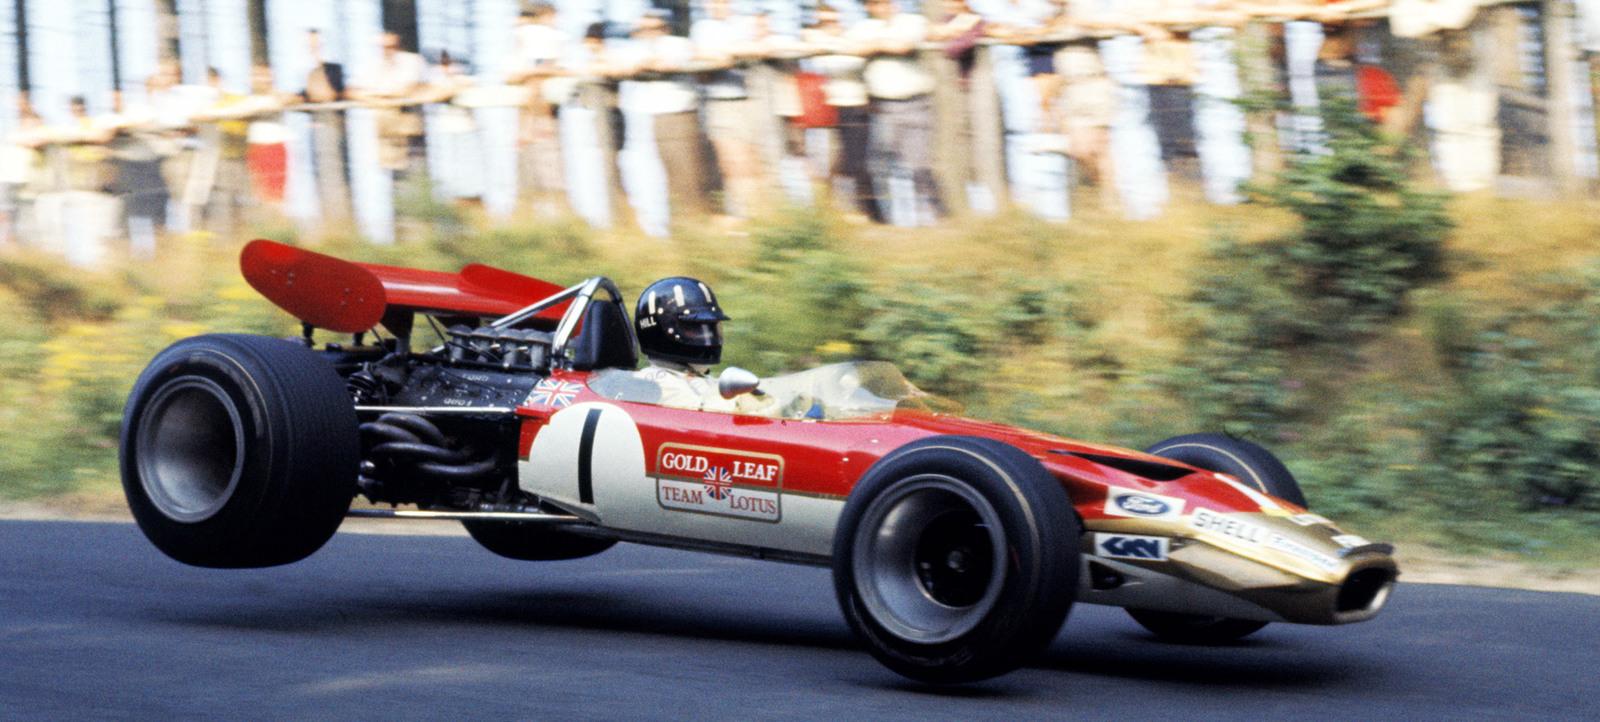 Racing-Liveries-Gear-Patrol-Lead-1440.jpg